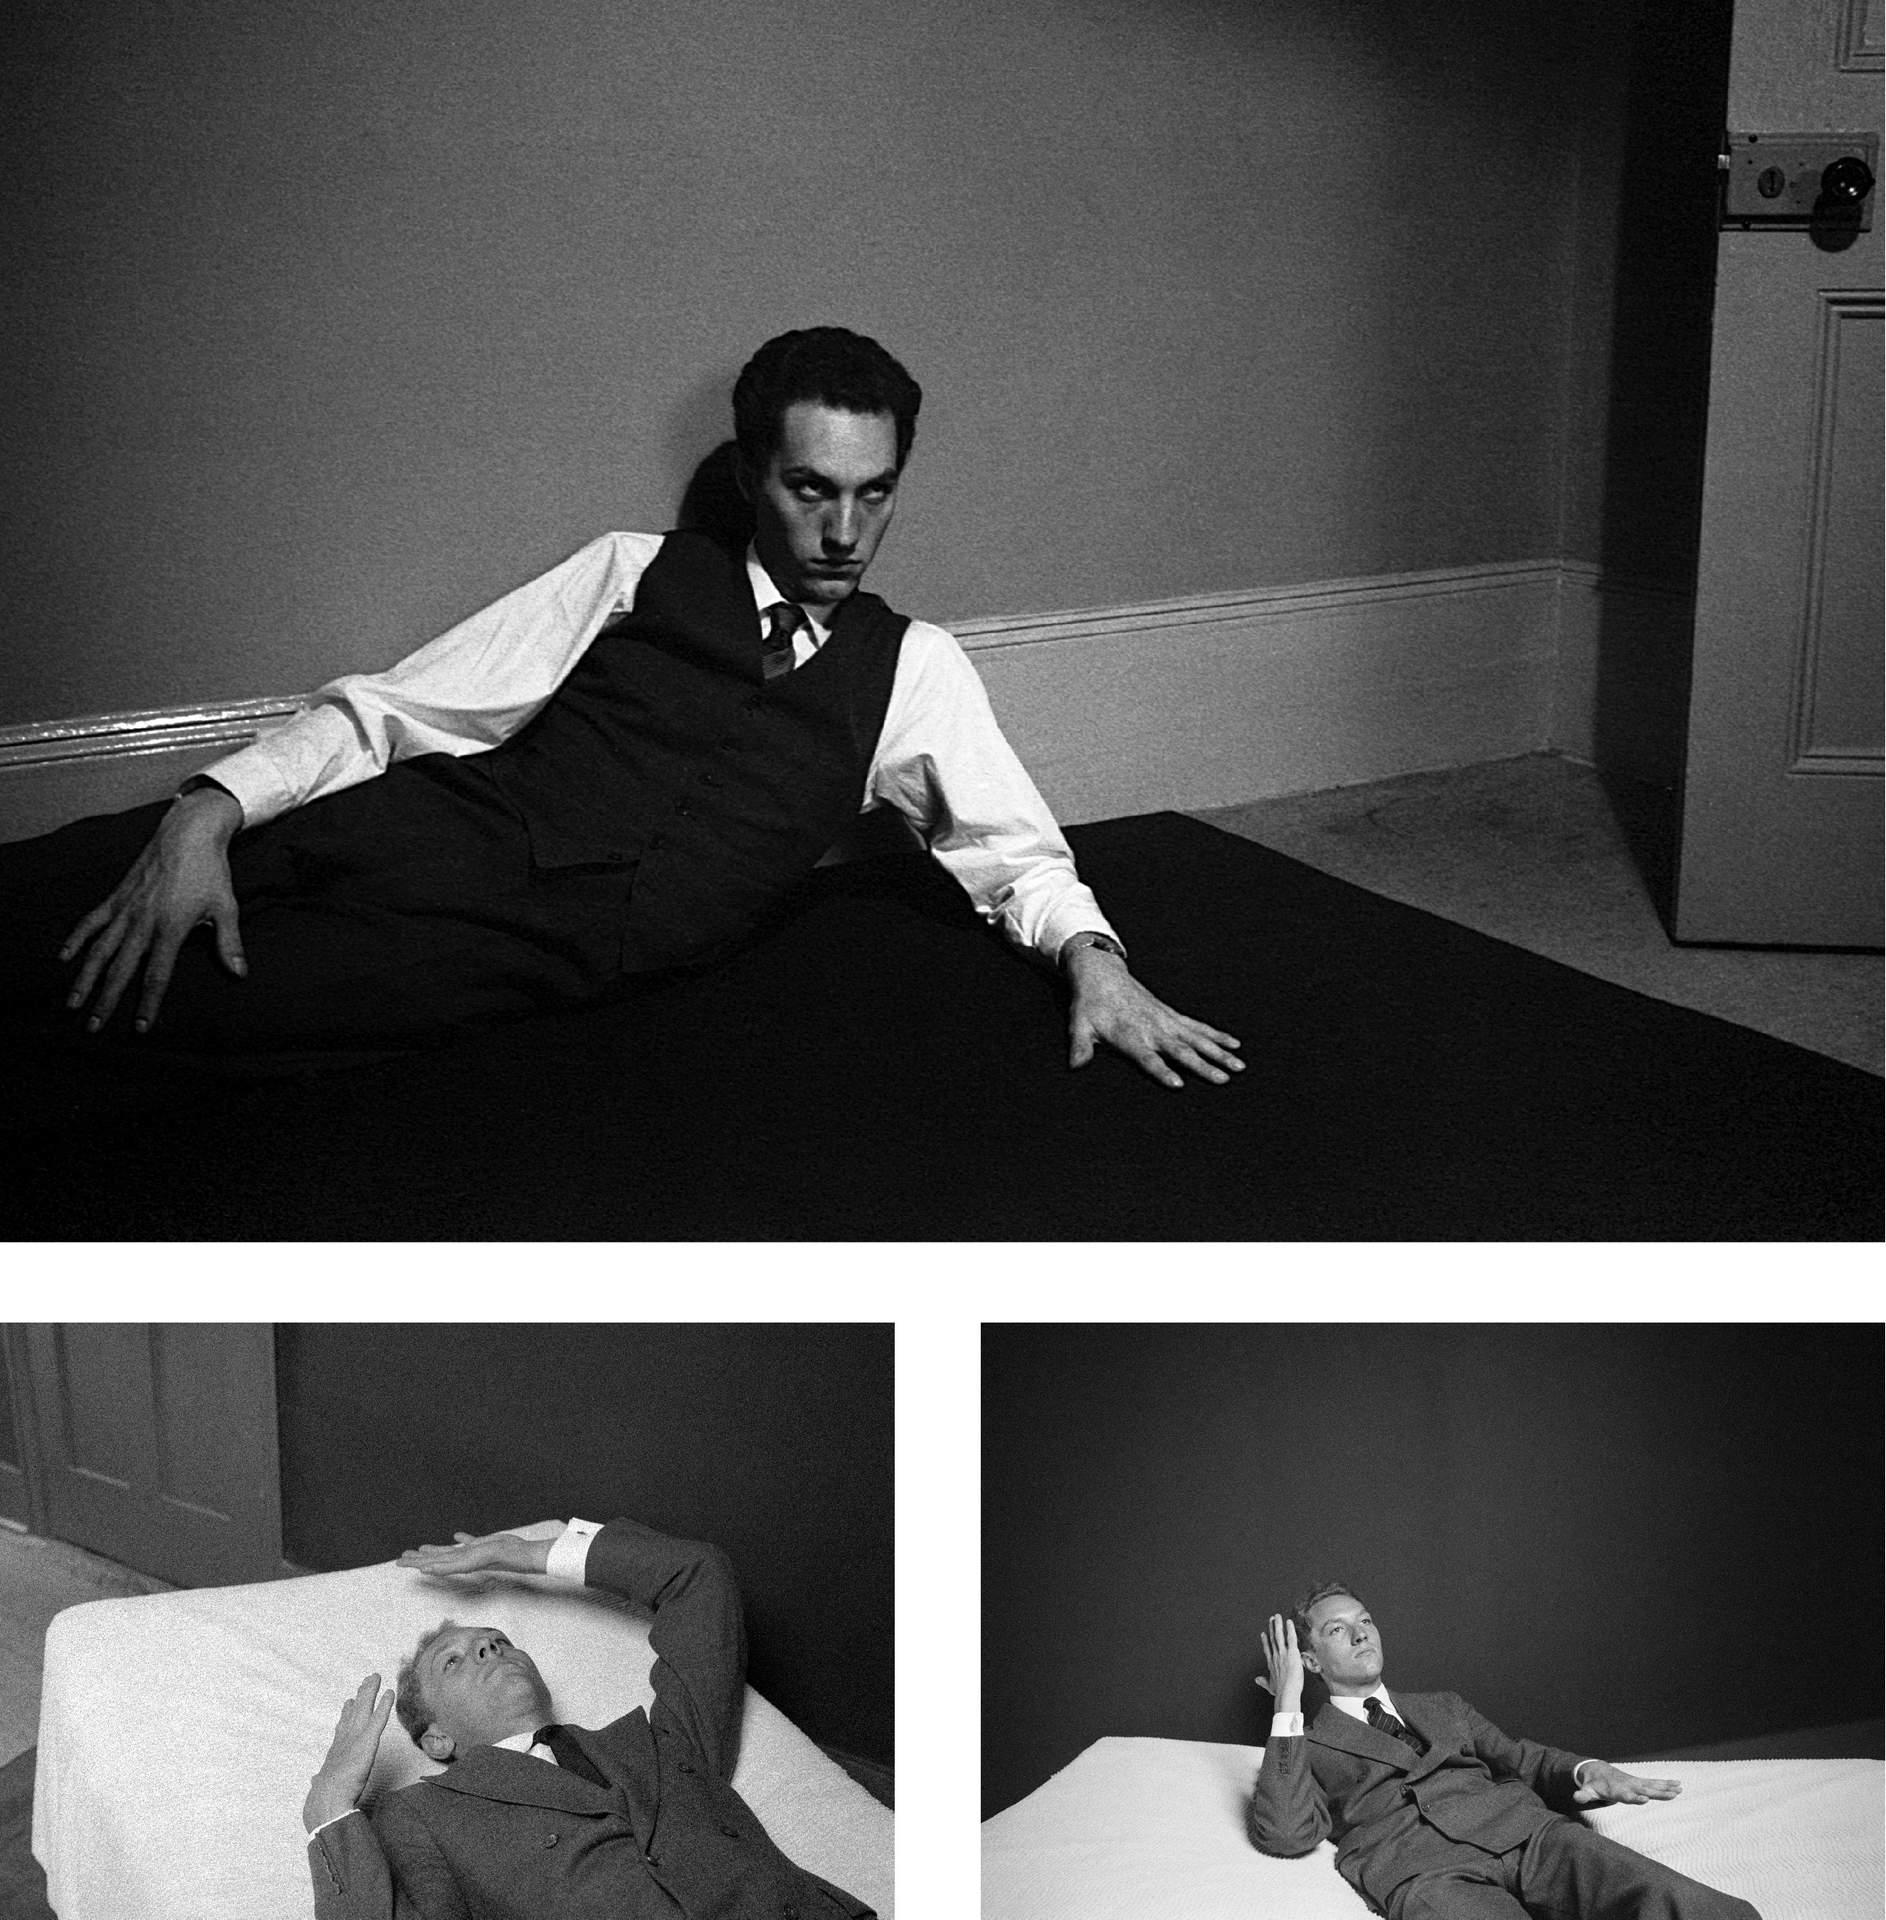 All images: Martin Cropper, Elsynge  Road, London, England, 1977